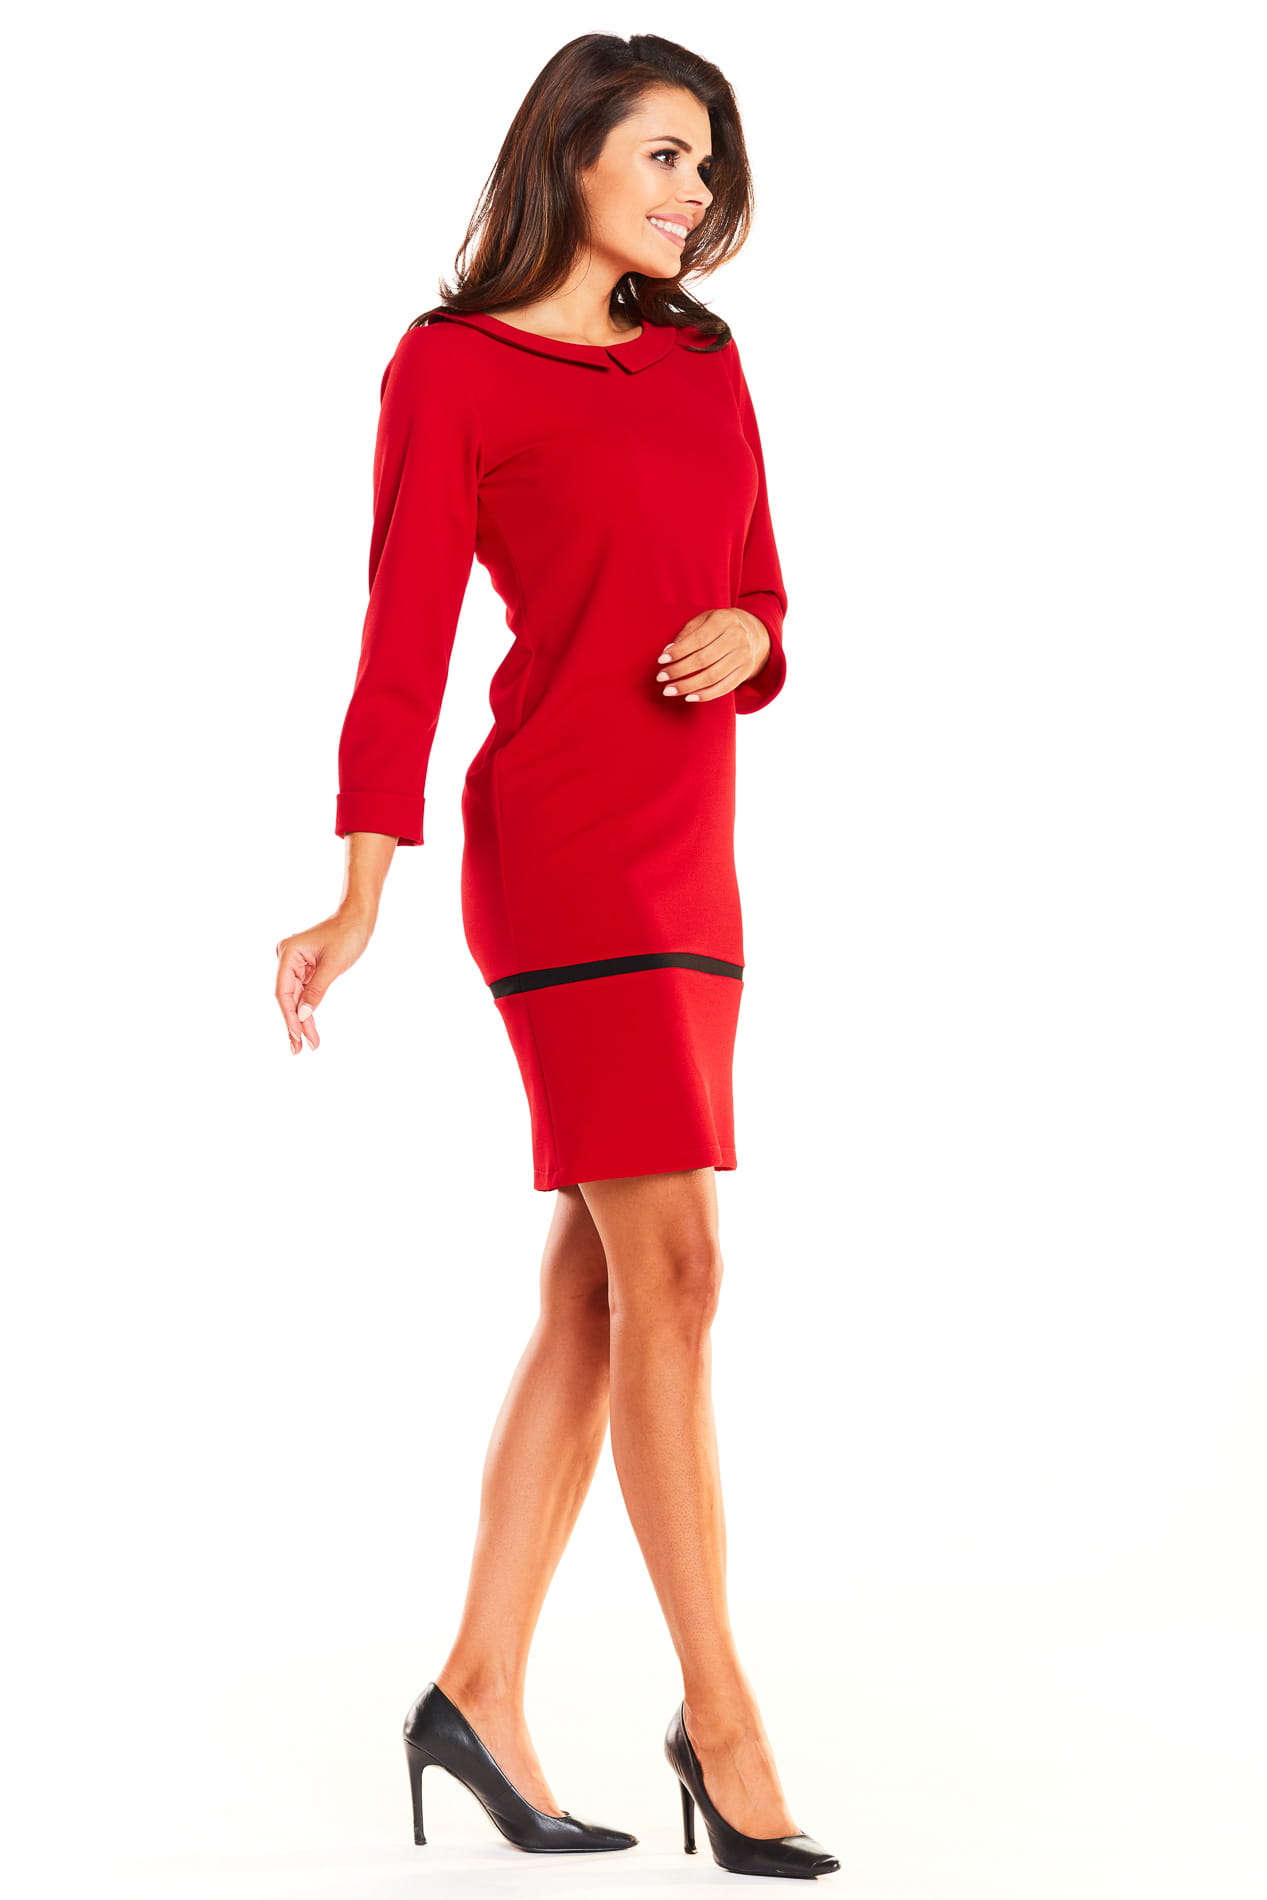 444f2764d9 Elegancka Sukienka z Kołnierzykiem Czerwona AW238 BESIMA.pl